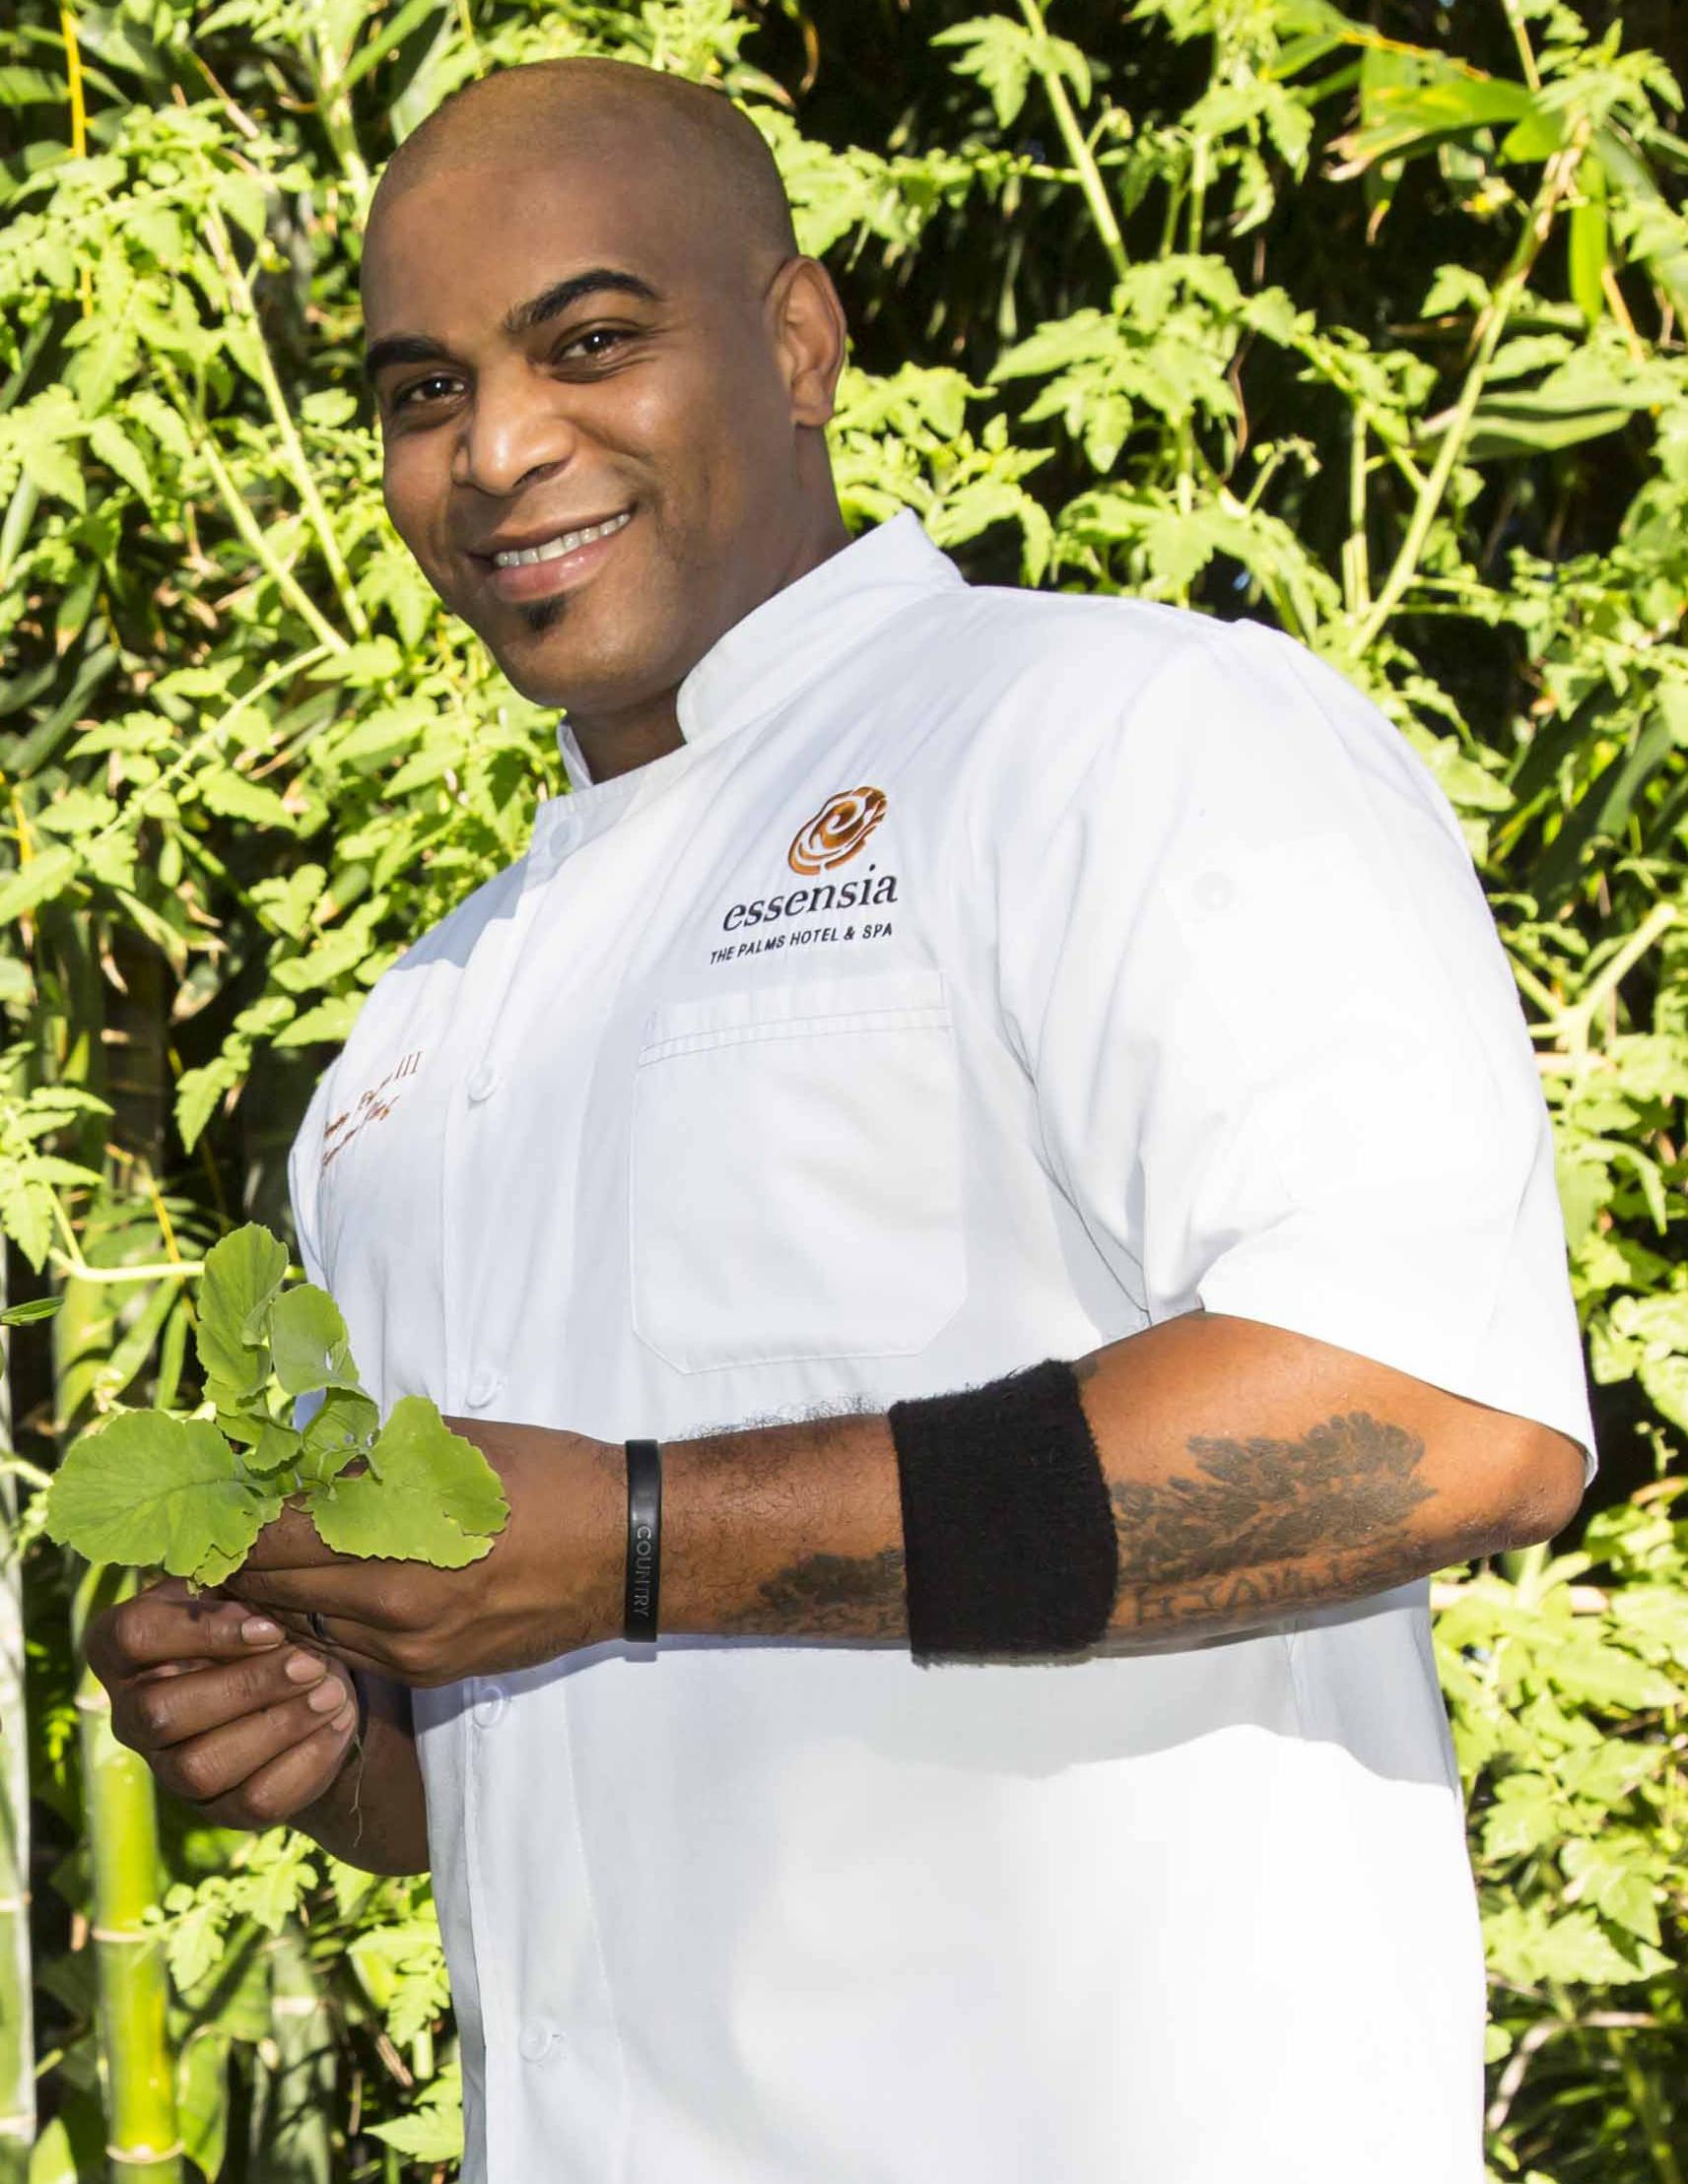 Chef Venoy in the garden